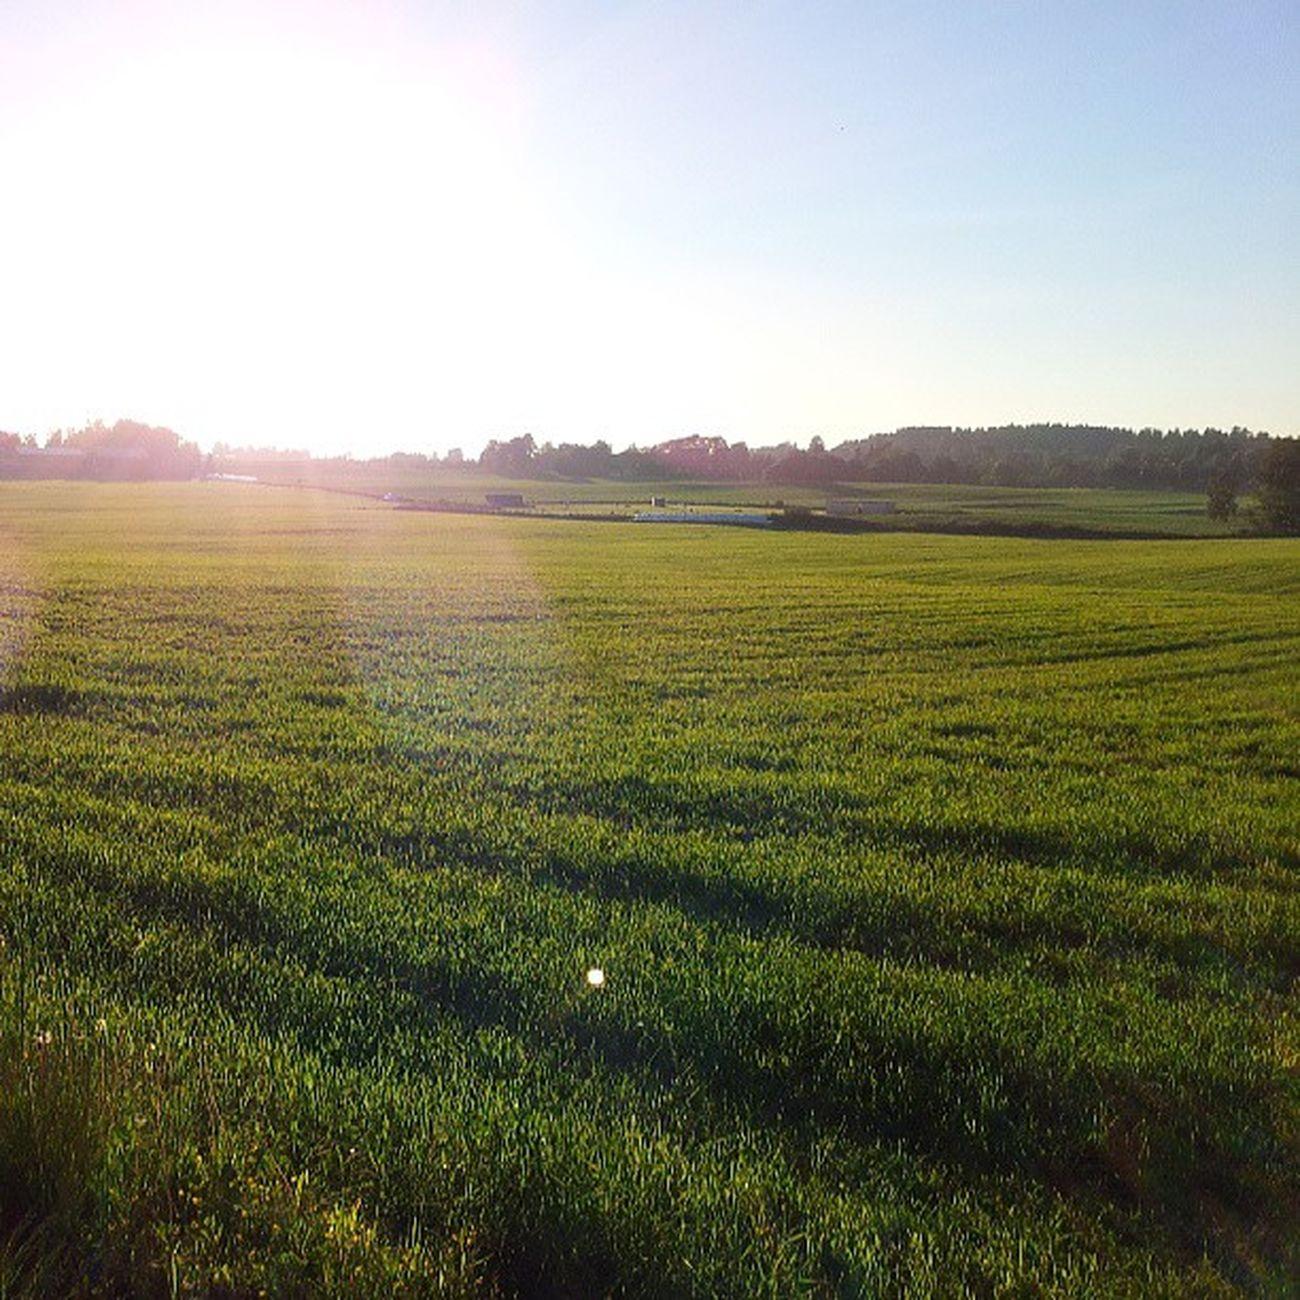 ås Akershus Follo  Norway norge bluesky sunshine solskinn umb fields green grønt jorde ilovenorway_akershus ilovenorway summer sommer ig_norway worldunion amund85_featuring nofilter nrksommer nsb_sommerinorge